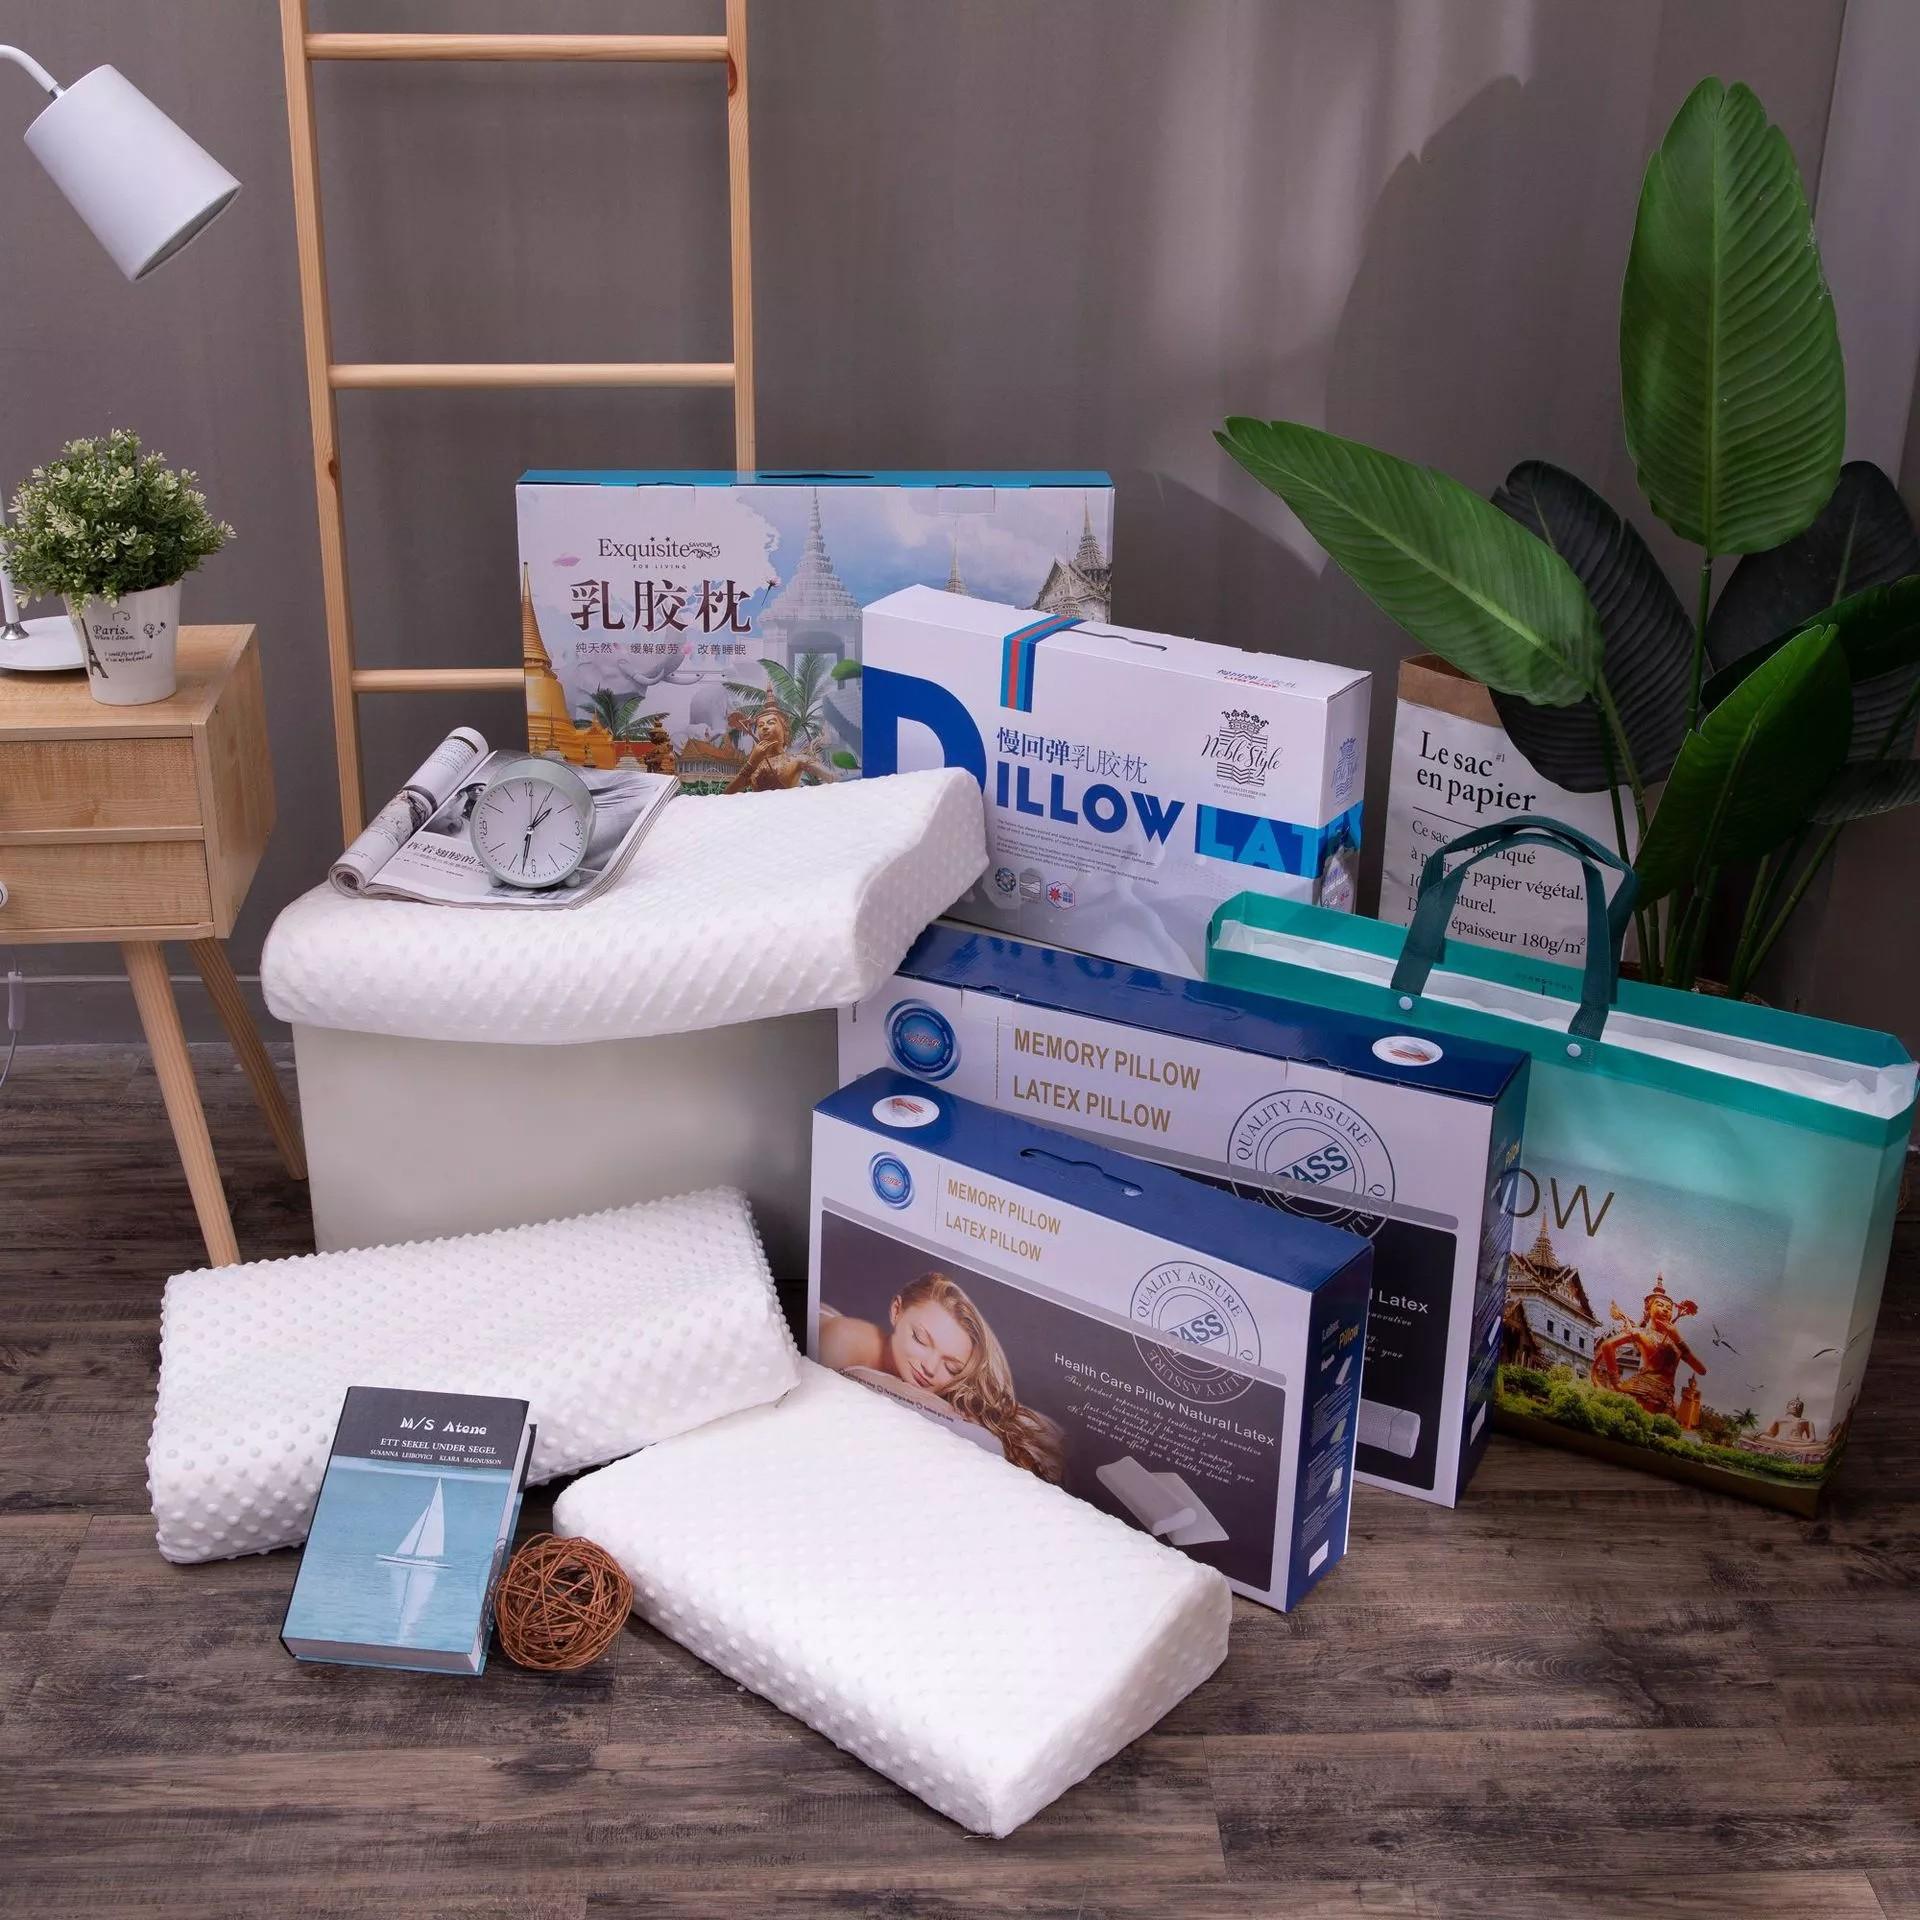 プレゼント枕セットキャンペーン景品枕カバーラテックス枕太空遅弾記憶綿枕芯